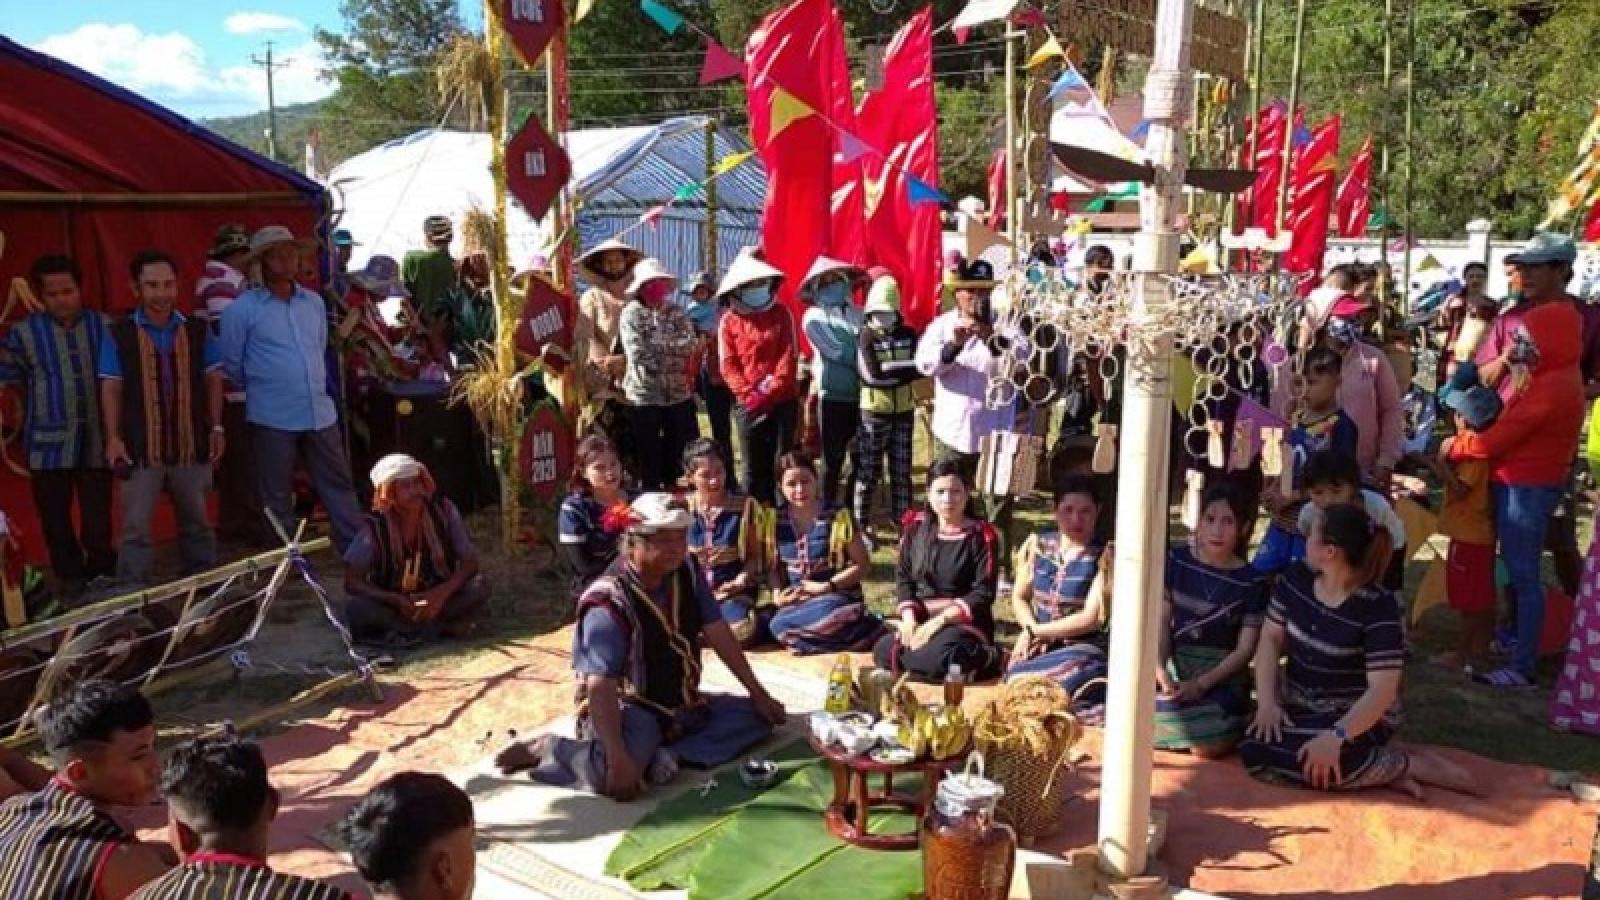 Tưng bừng Tết Đầu lúa vùng cao Bình Thuận